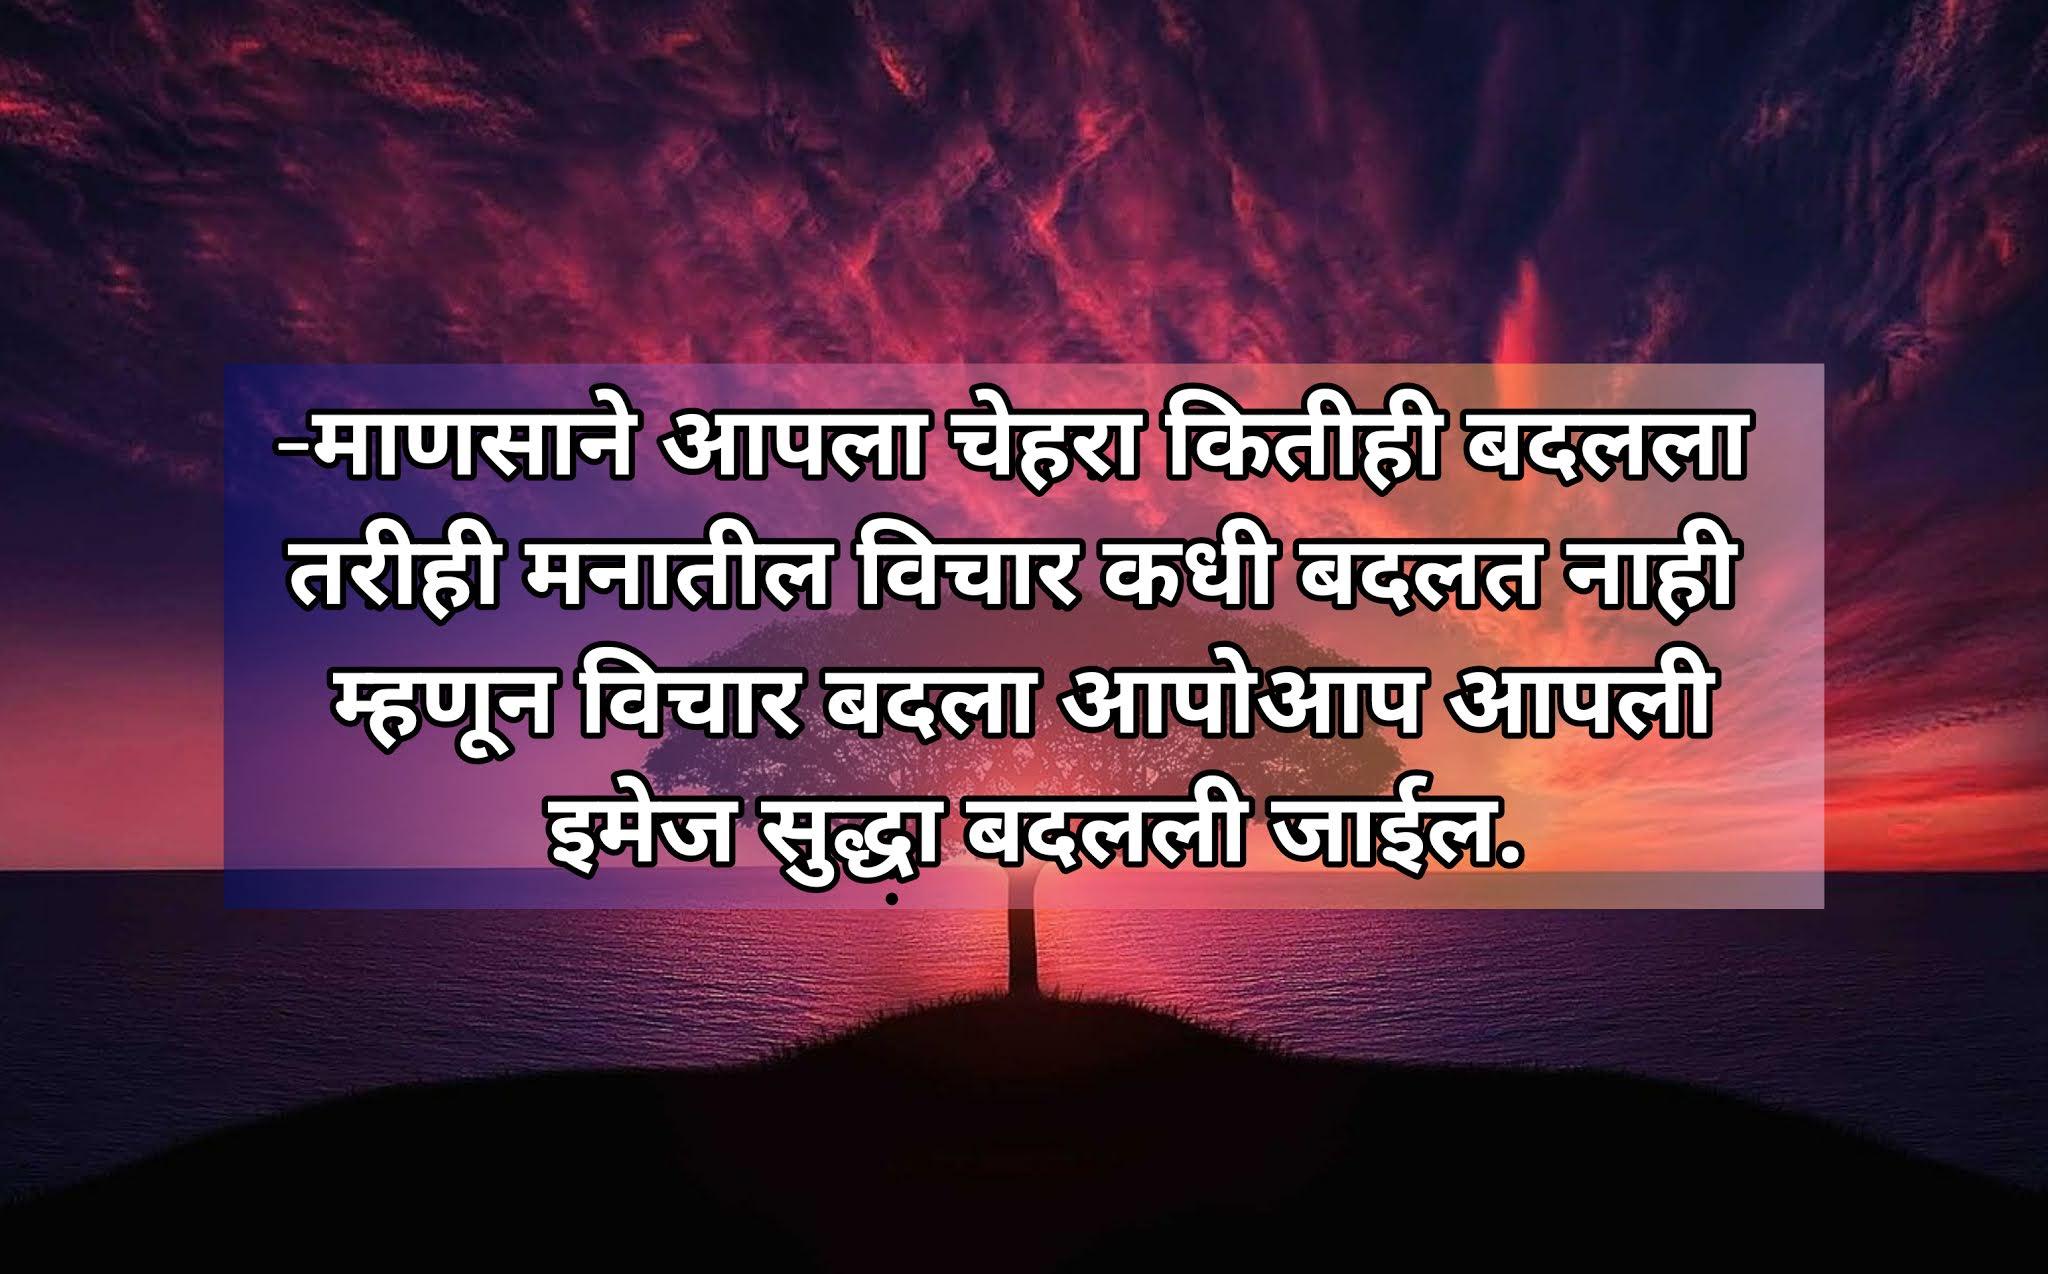 Life shayari in marathi 2021